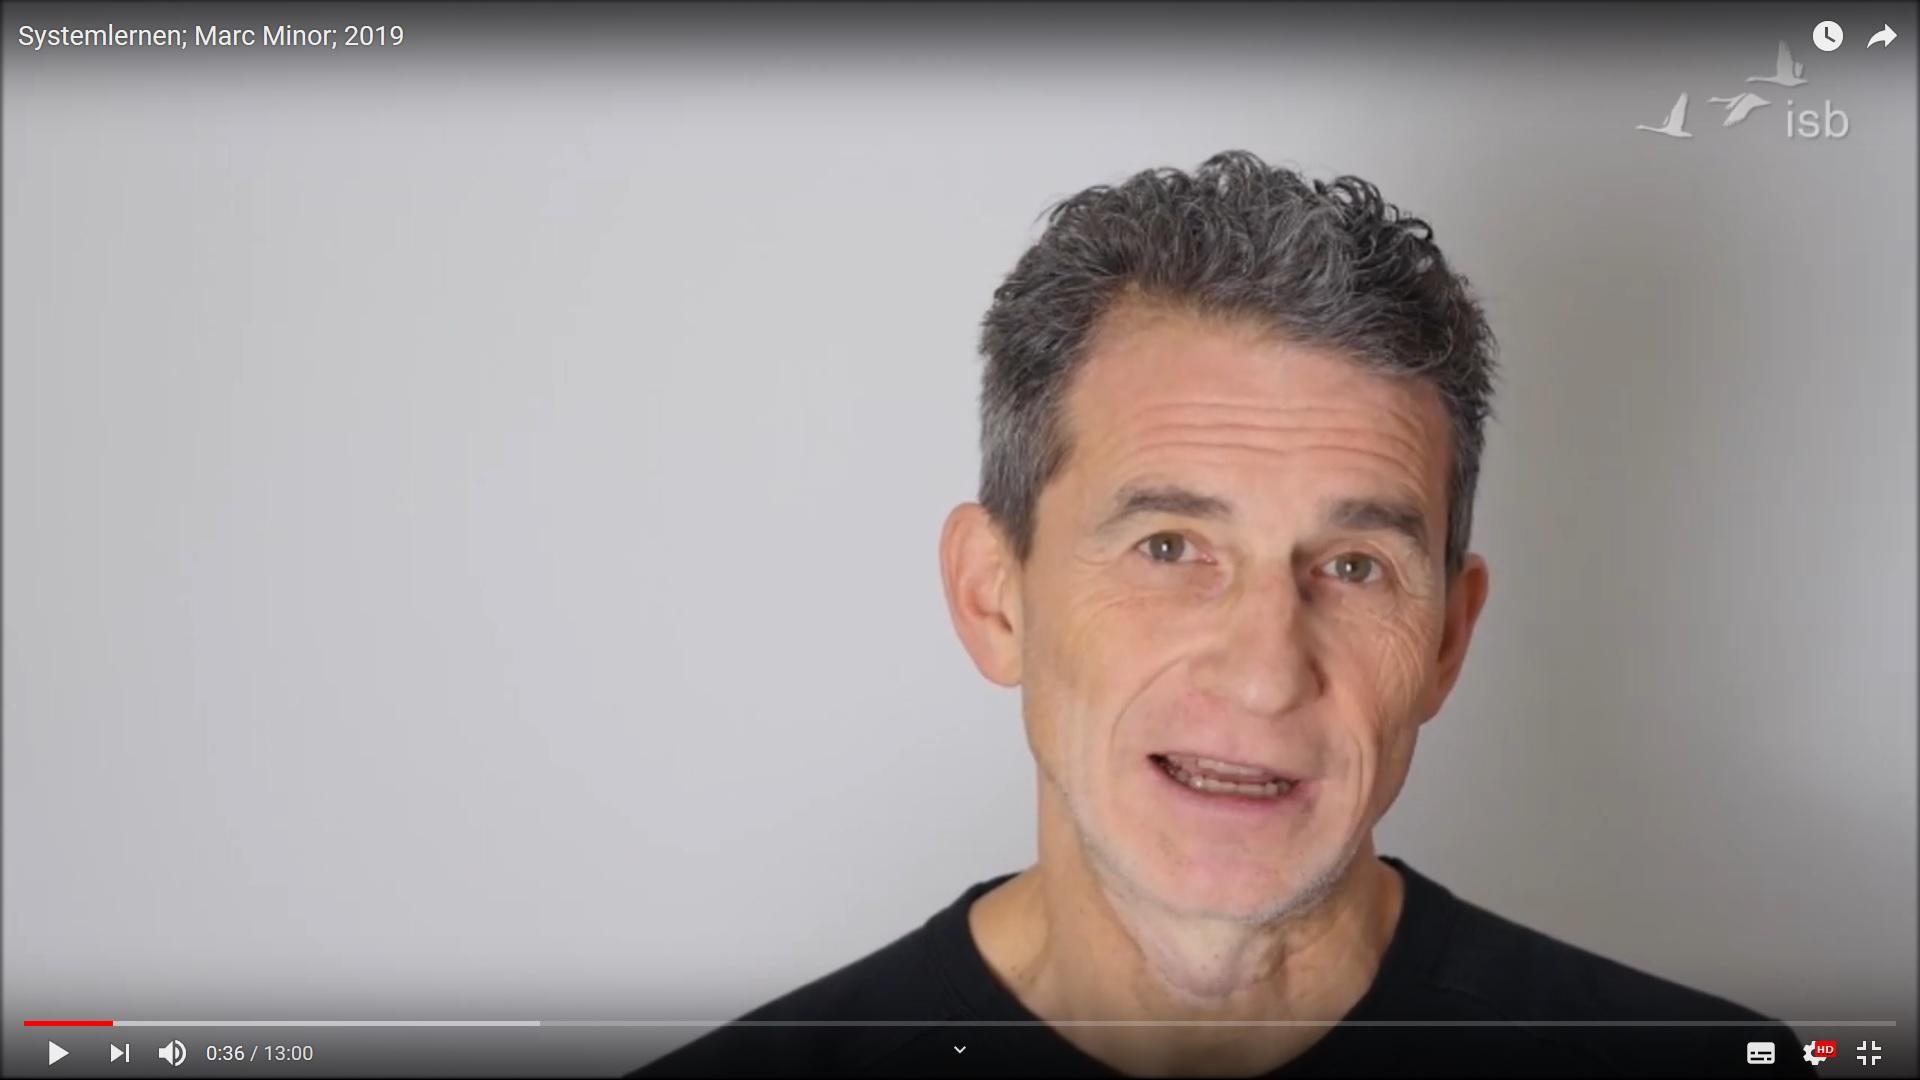 Lehrtrainer Marc Minor über Systemlernen